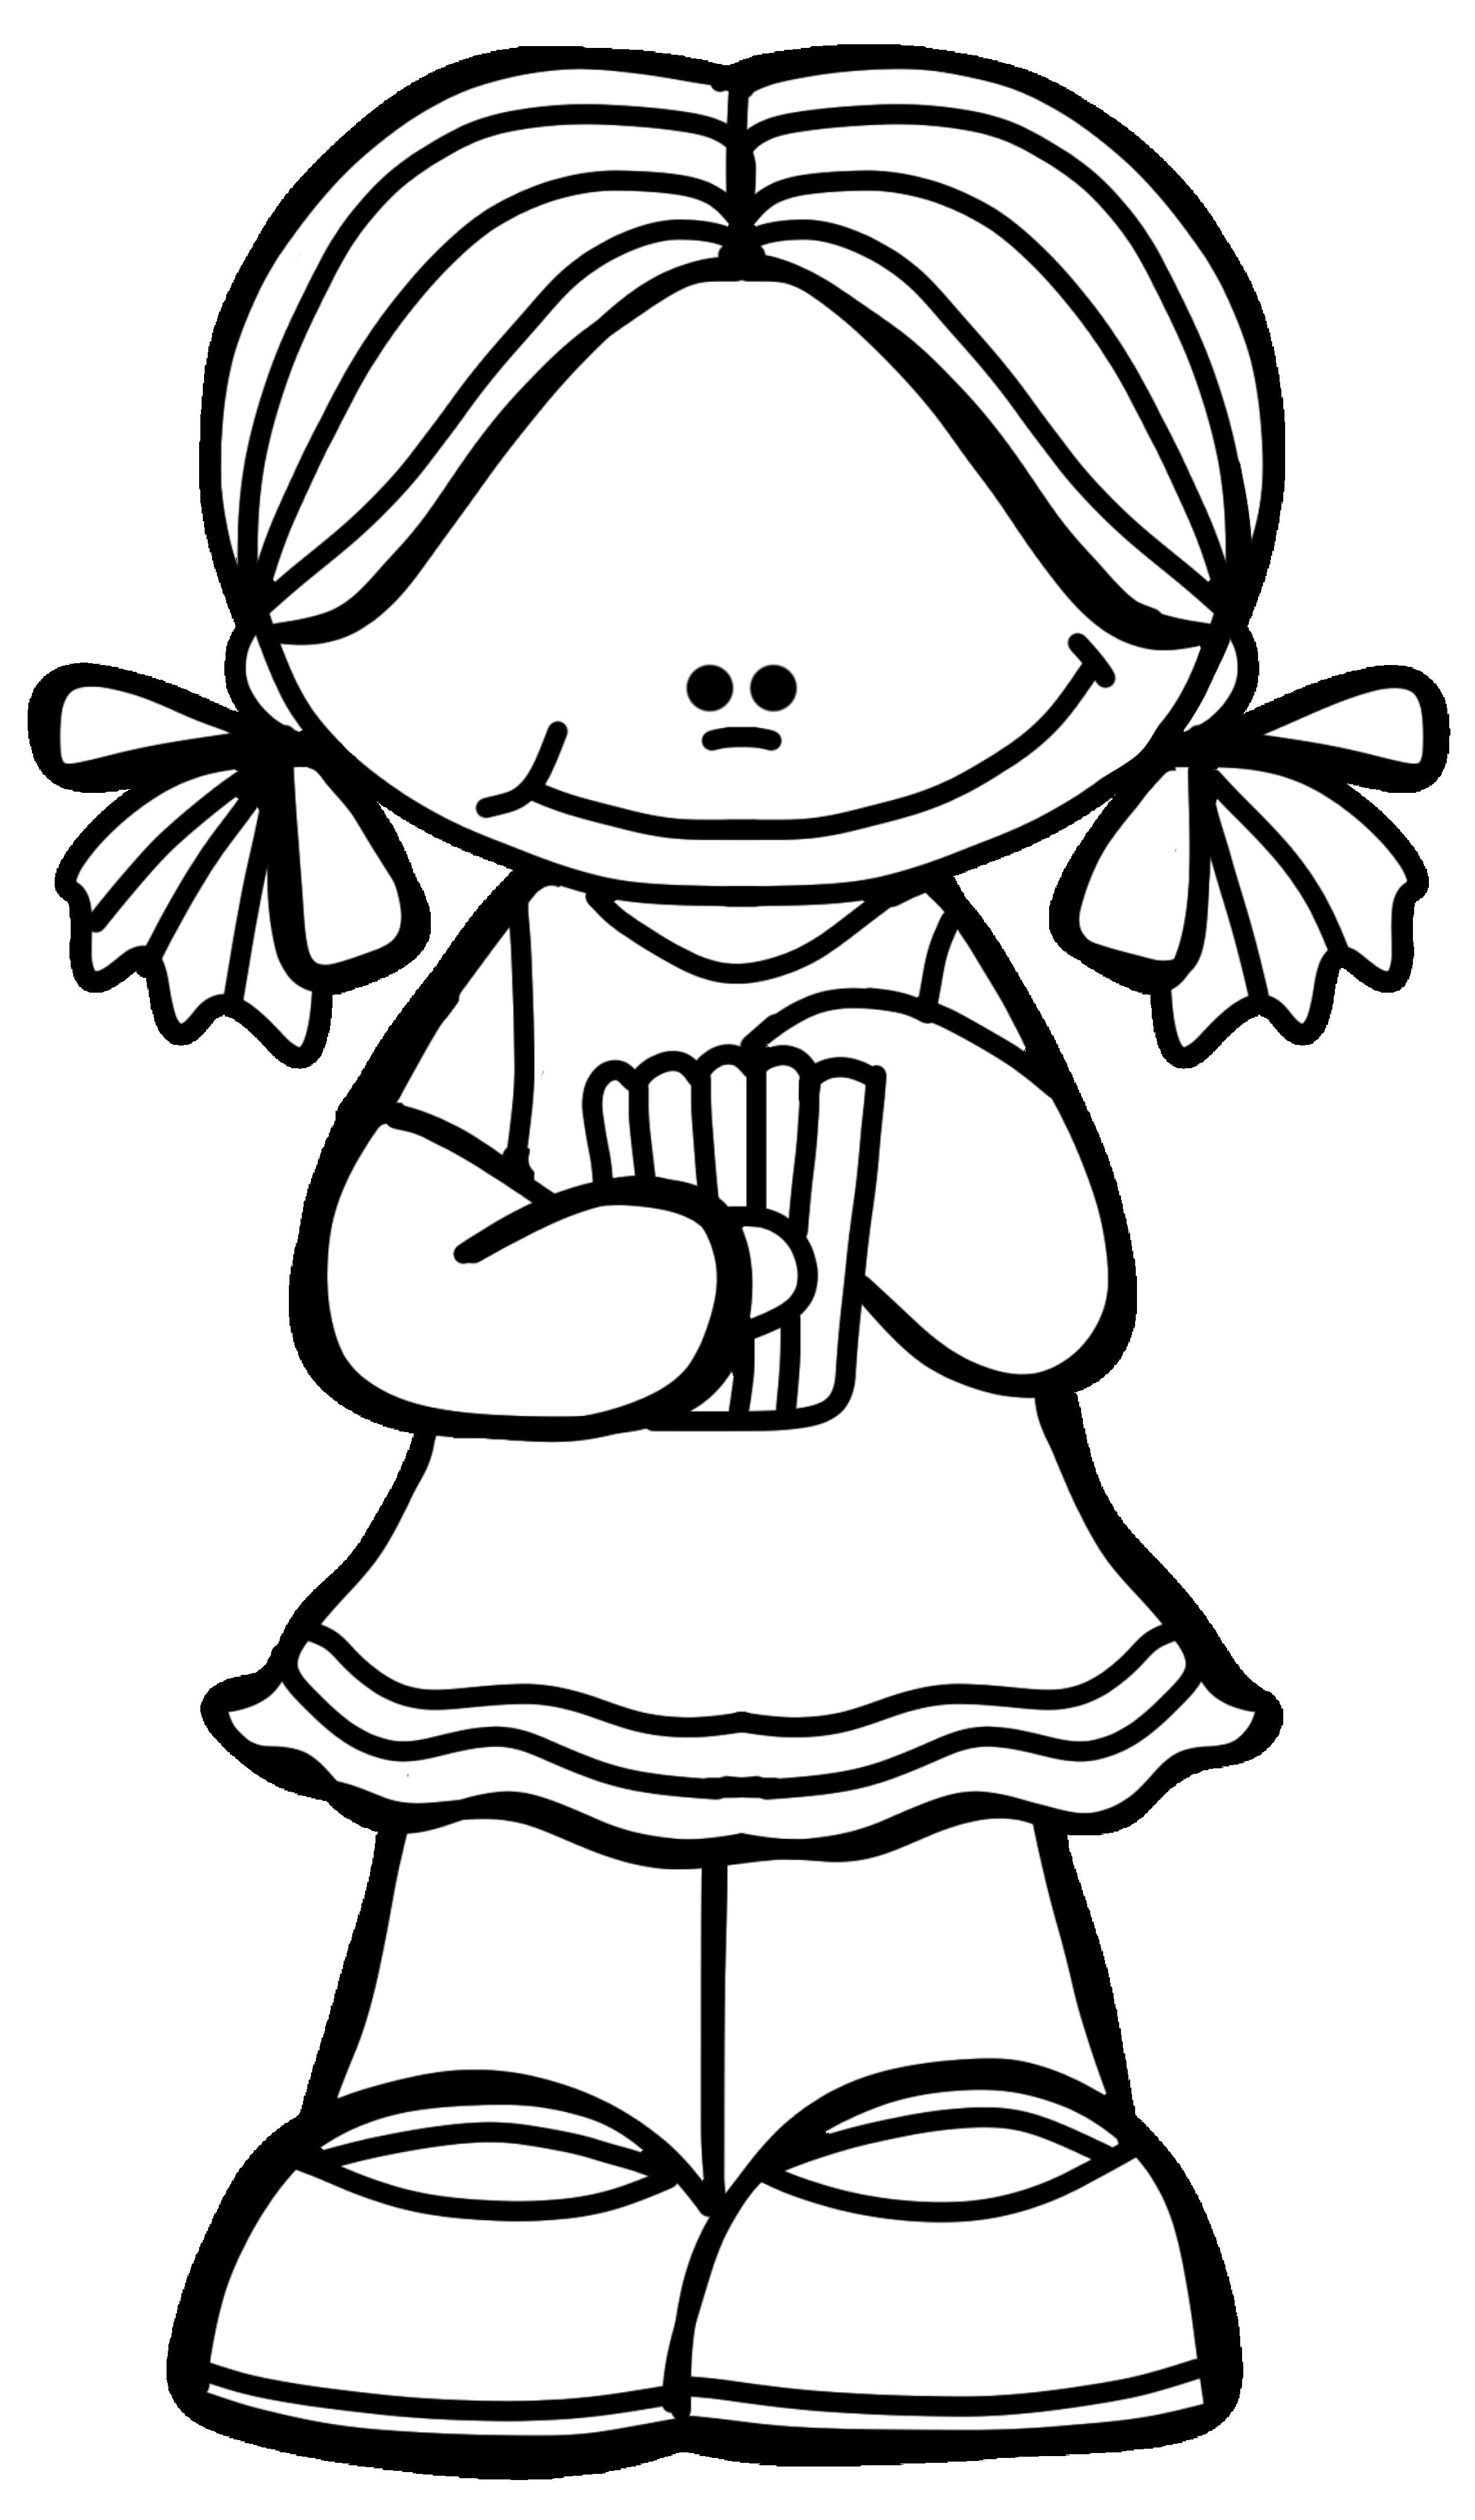 Carson dellosa halloween clipart clip art black and white ✿**✿*CREALO TU*✿**✿* | dibujos blanco y negro | Pinterest | Clip ... clip art black and white